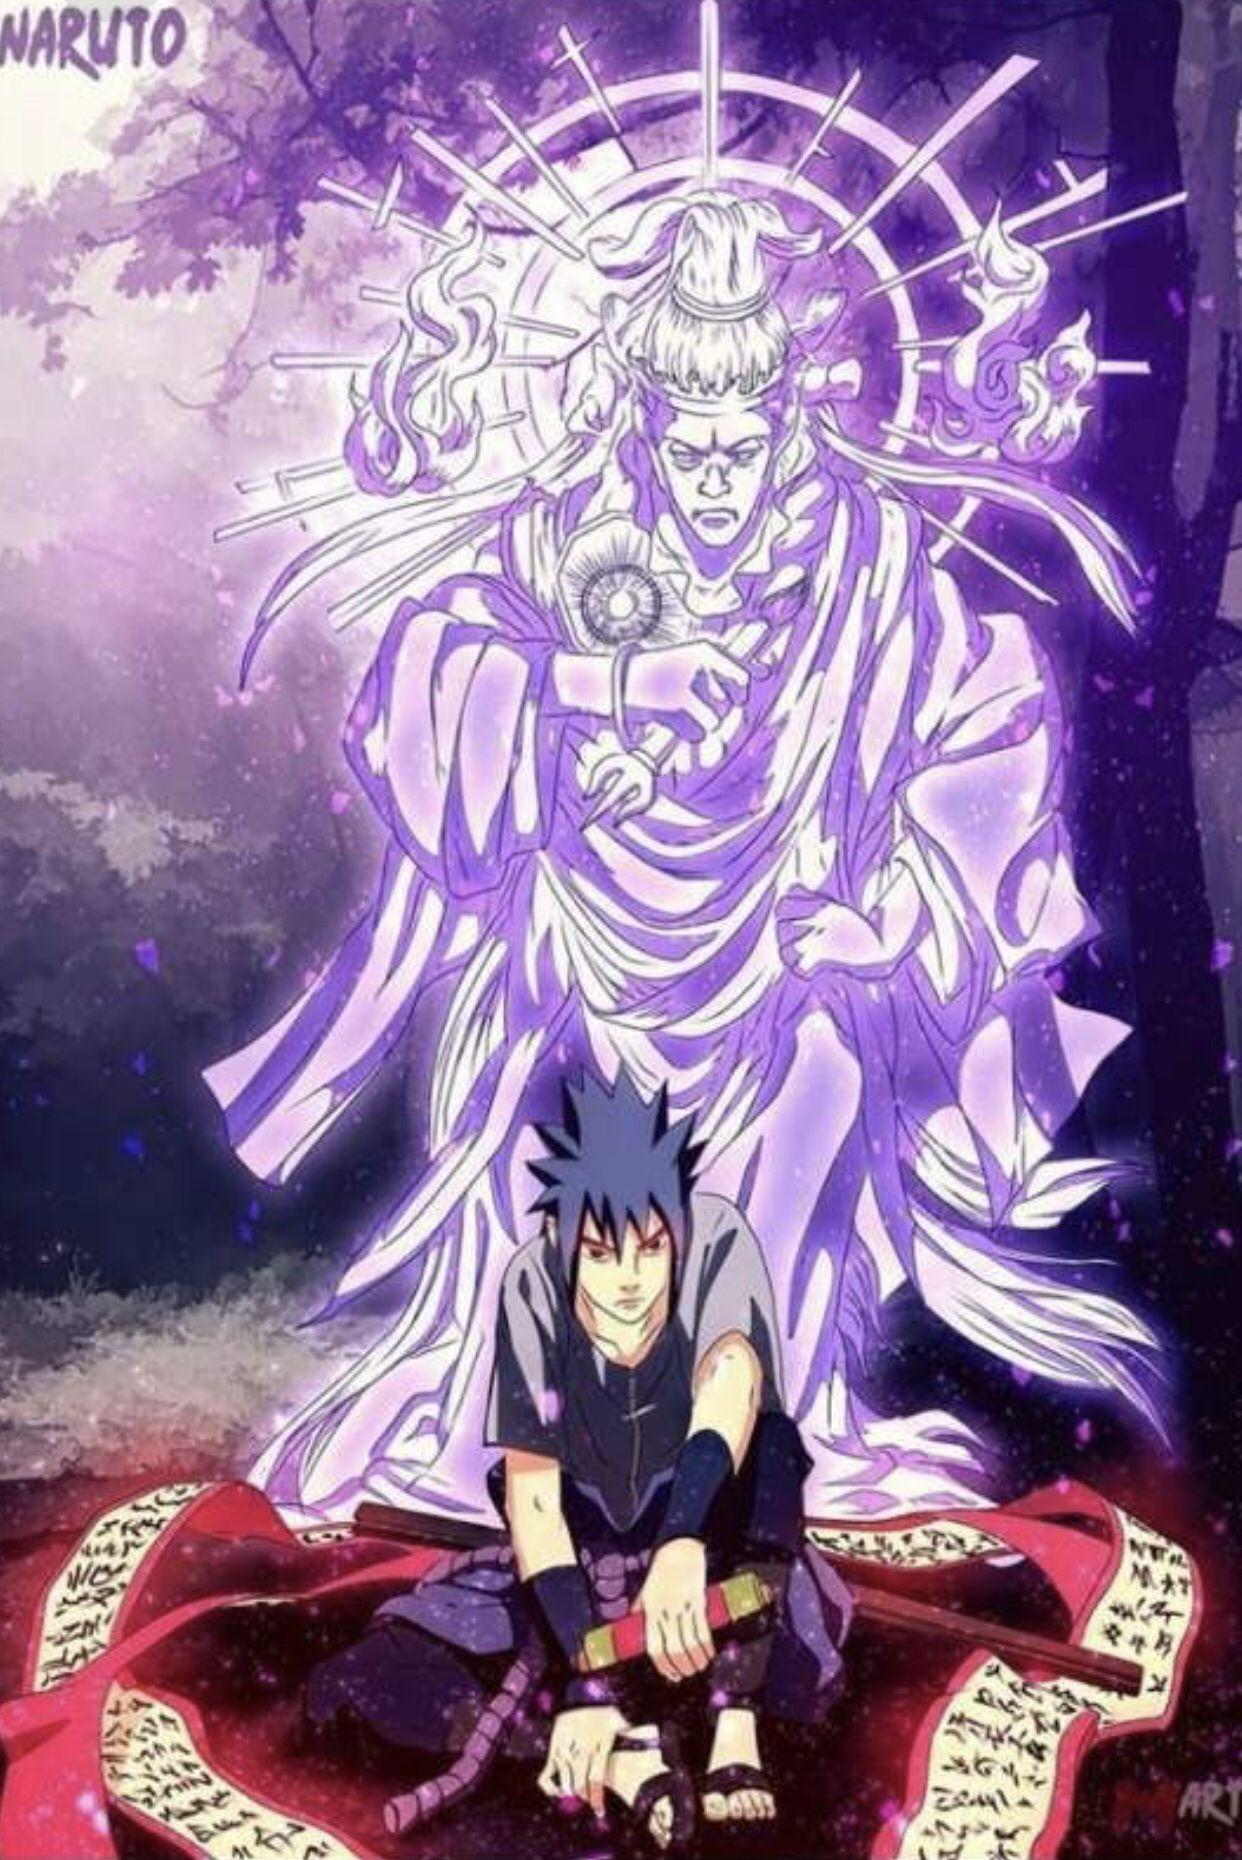 Pin de AnimeKing em Naruto Susanoo, Personagens de anime